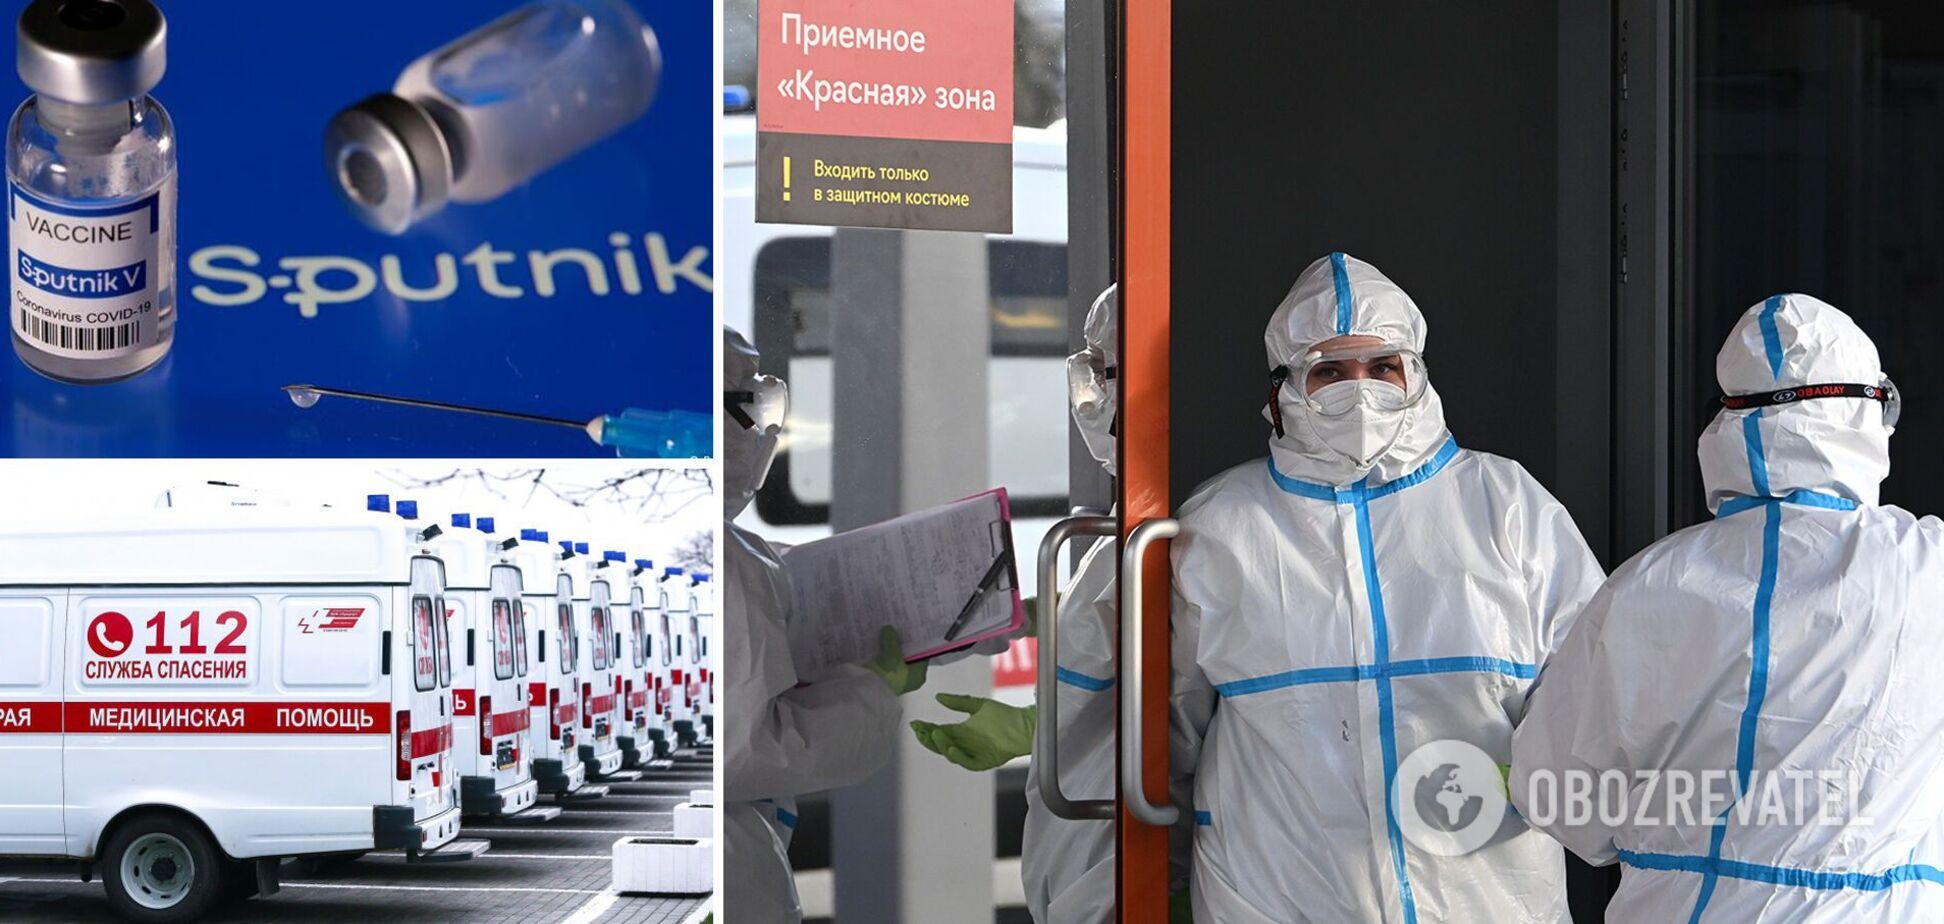 Россию накрыла новая волна коронавируса, 'Спутник' не помог